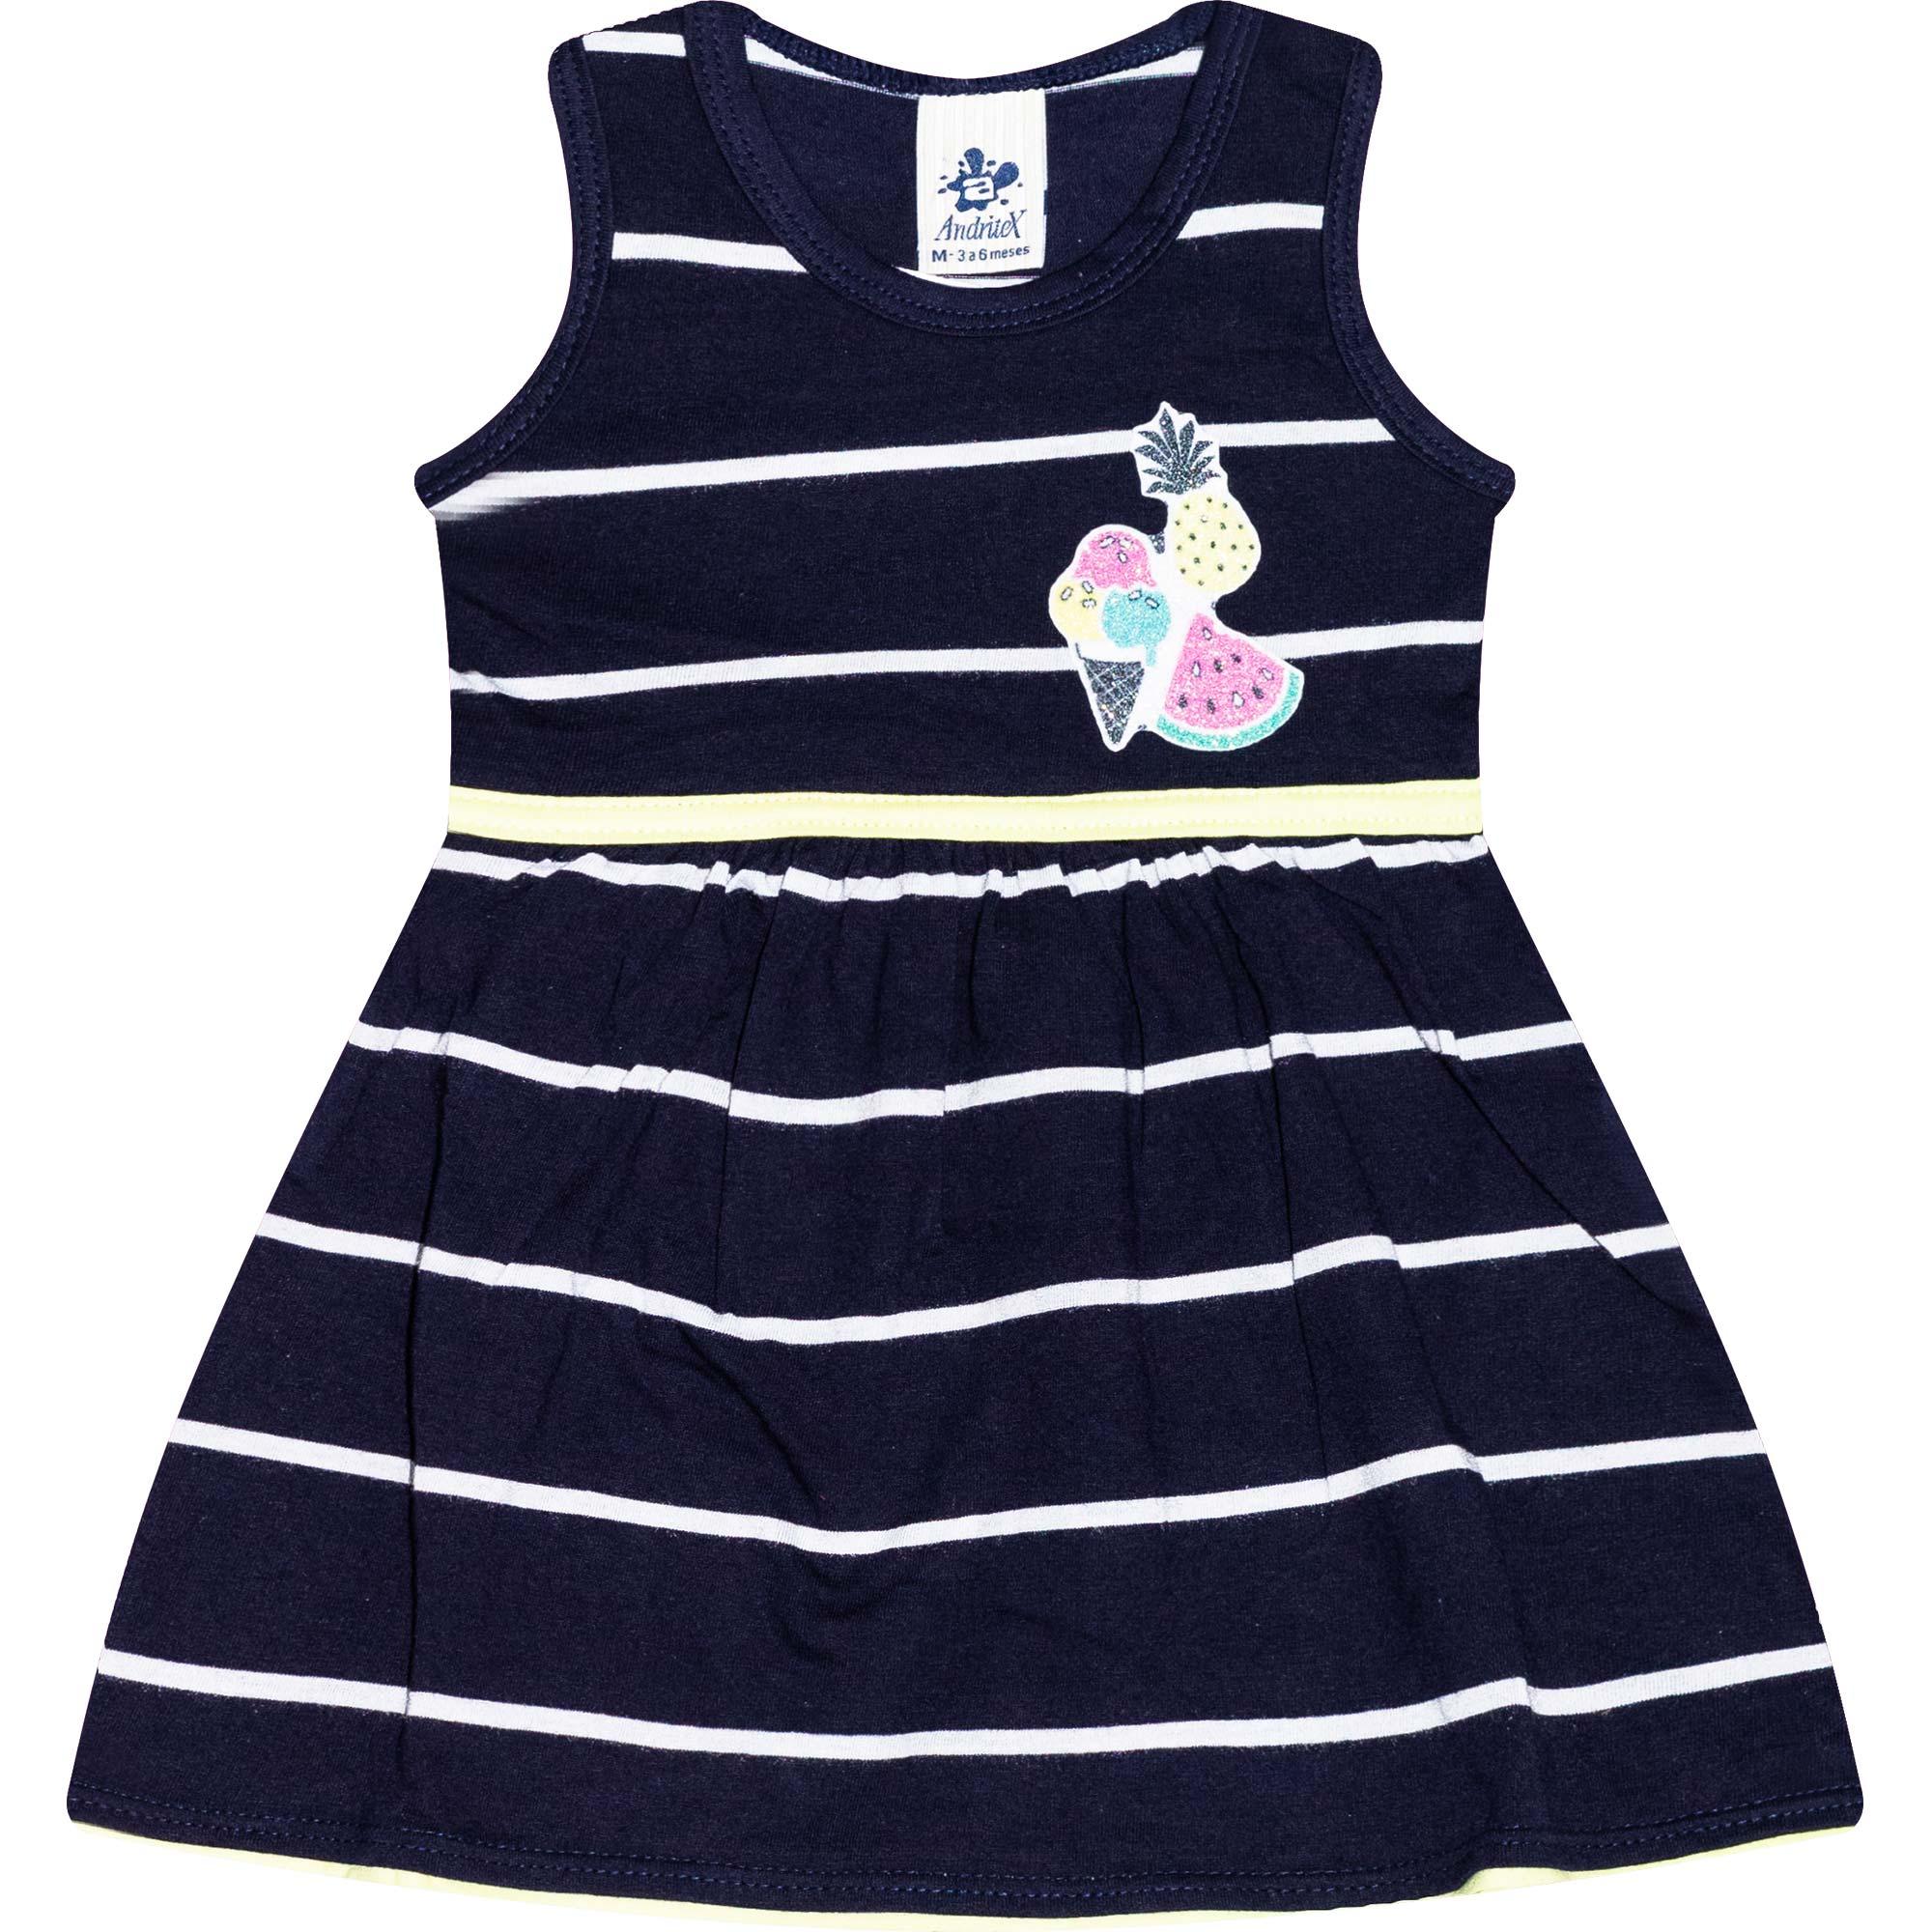 Vestido Infantil Feminino Listras - Ref 4808 - Azul - Andritex